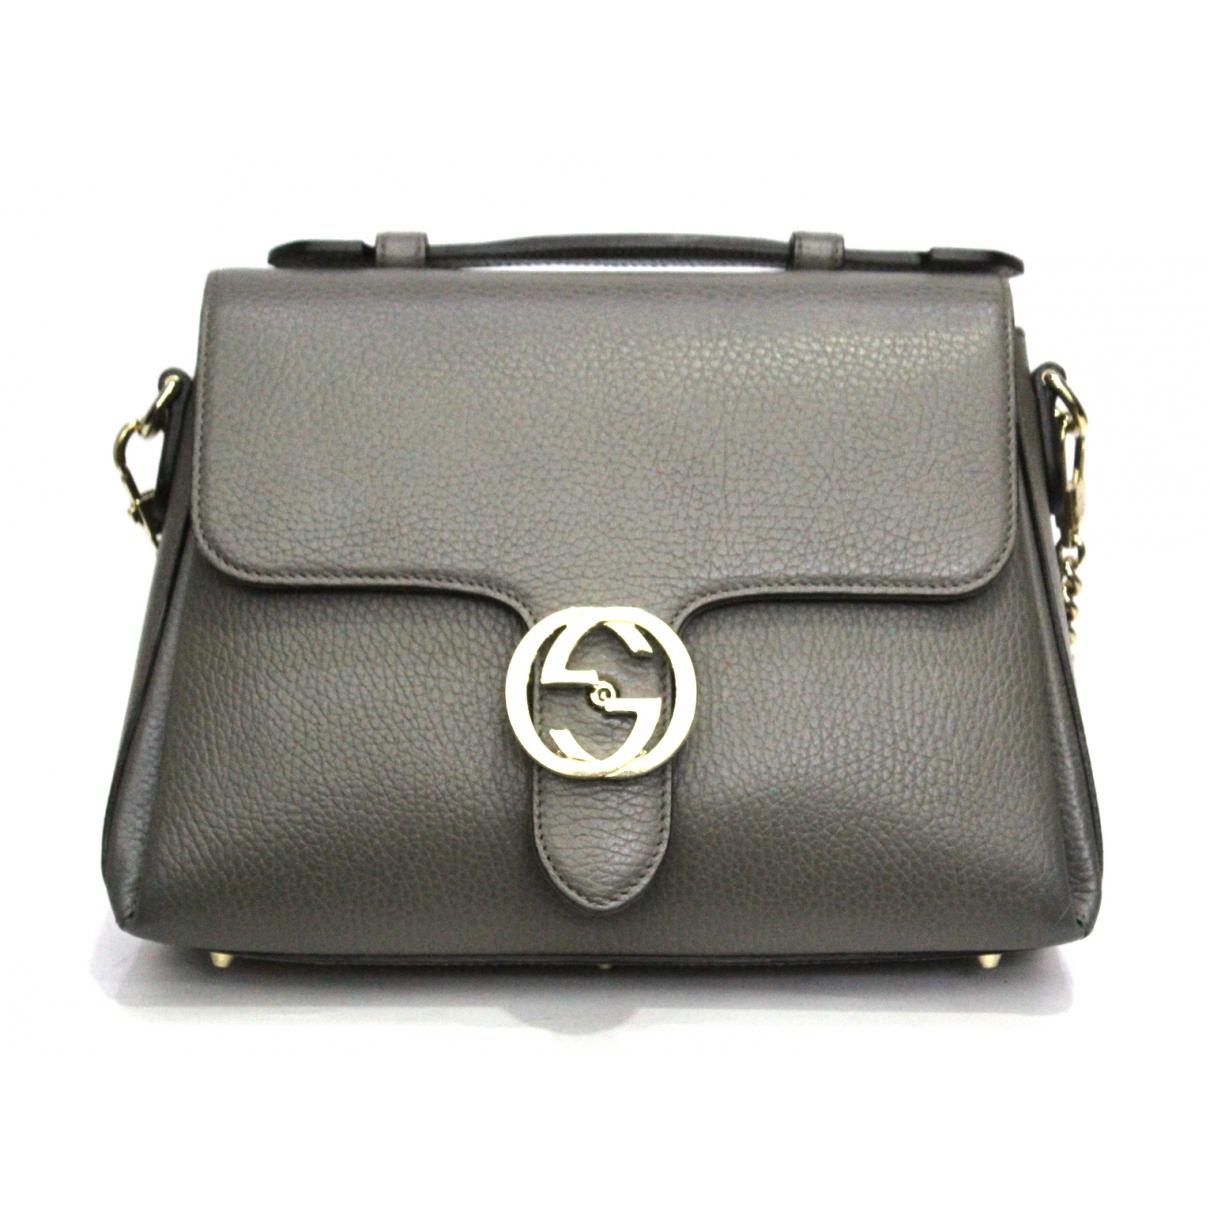 Gucci Interlocking Handtasche in  Grau Leder